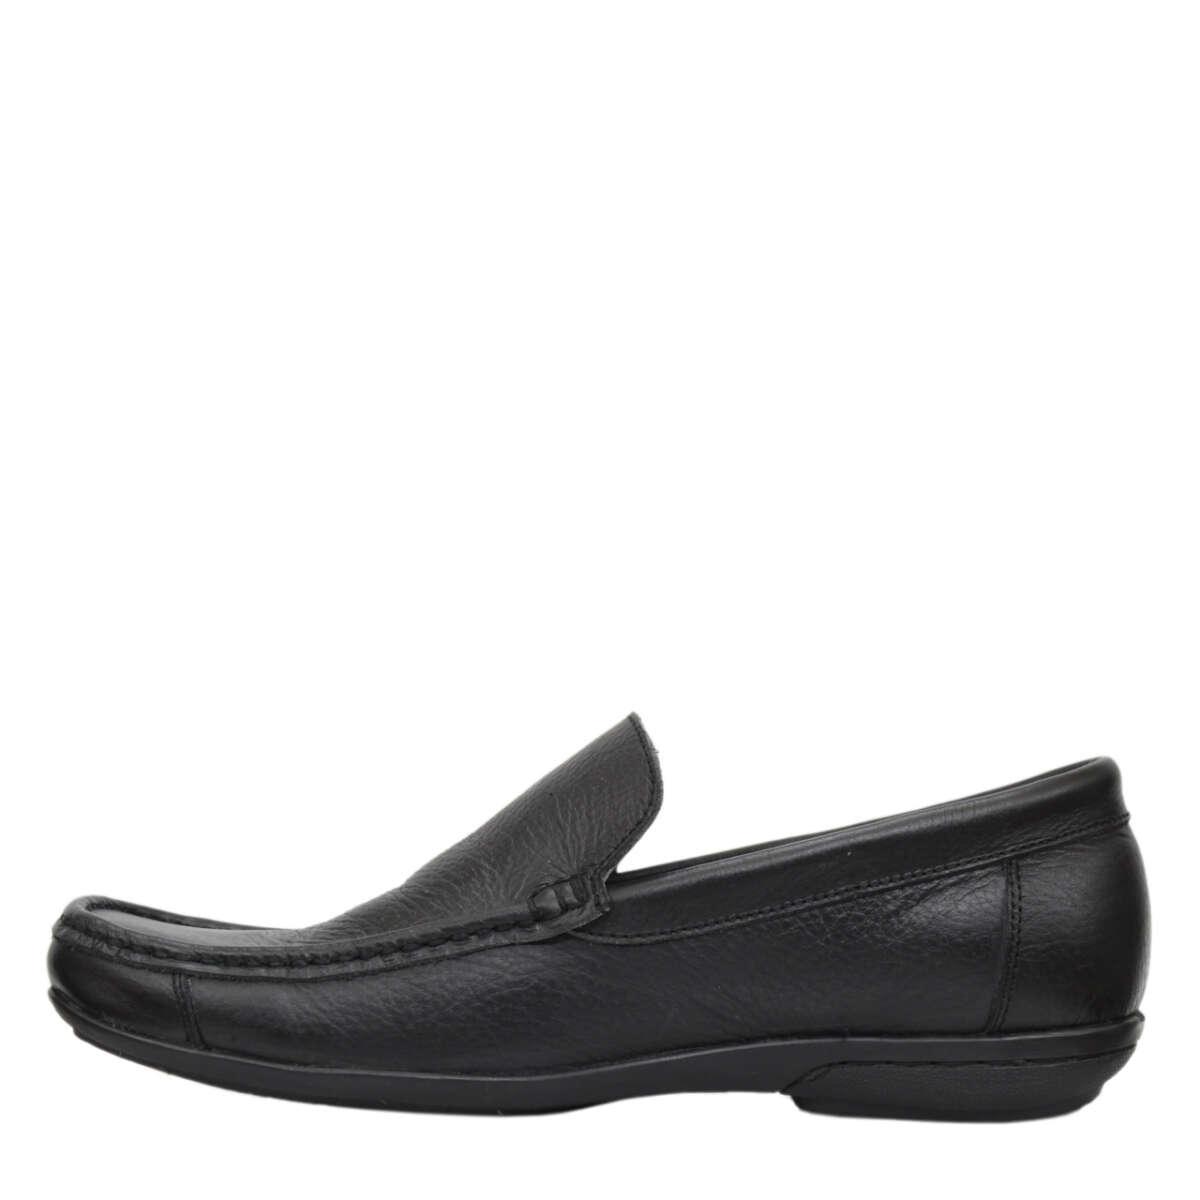 Giày lười nam da bò B863a